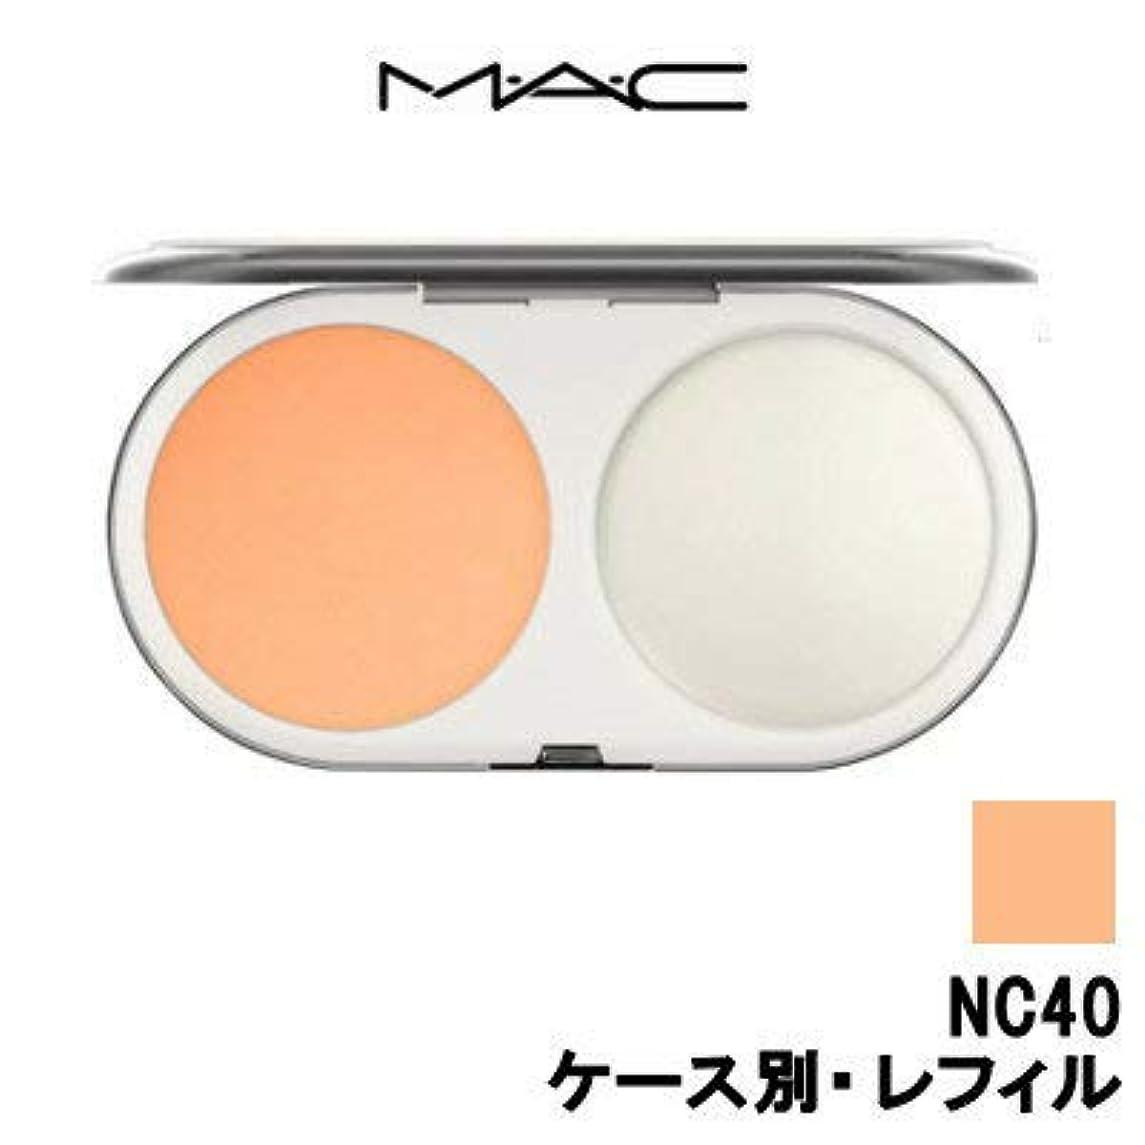 ラオス人エスカレート期待するマック(MAC) ライトフル C SPF 30 ファンデーション #NC40 SPF30/PA+++ 14g[並行輸入品]